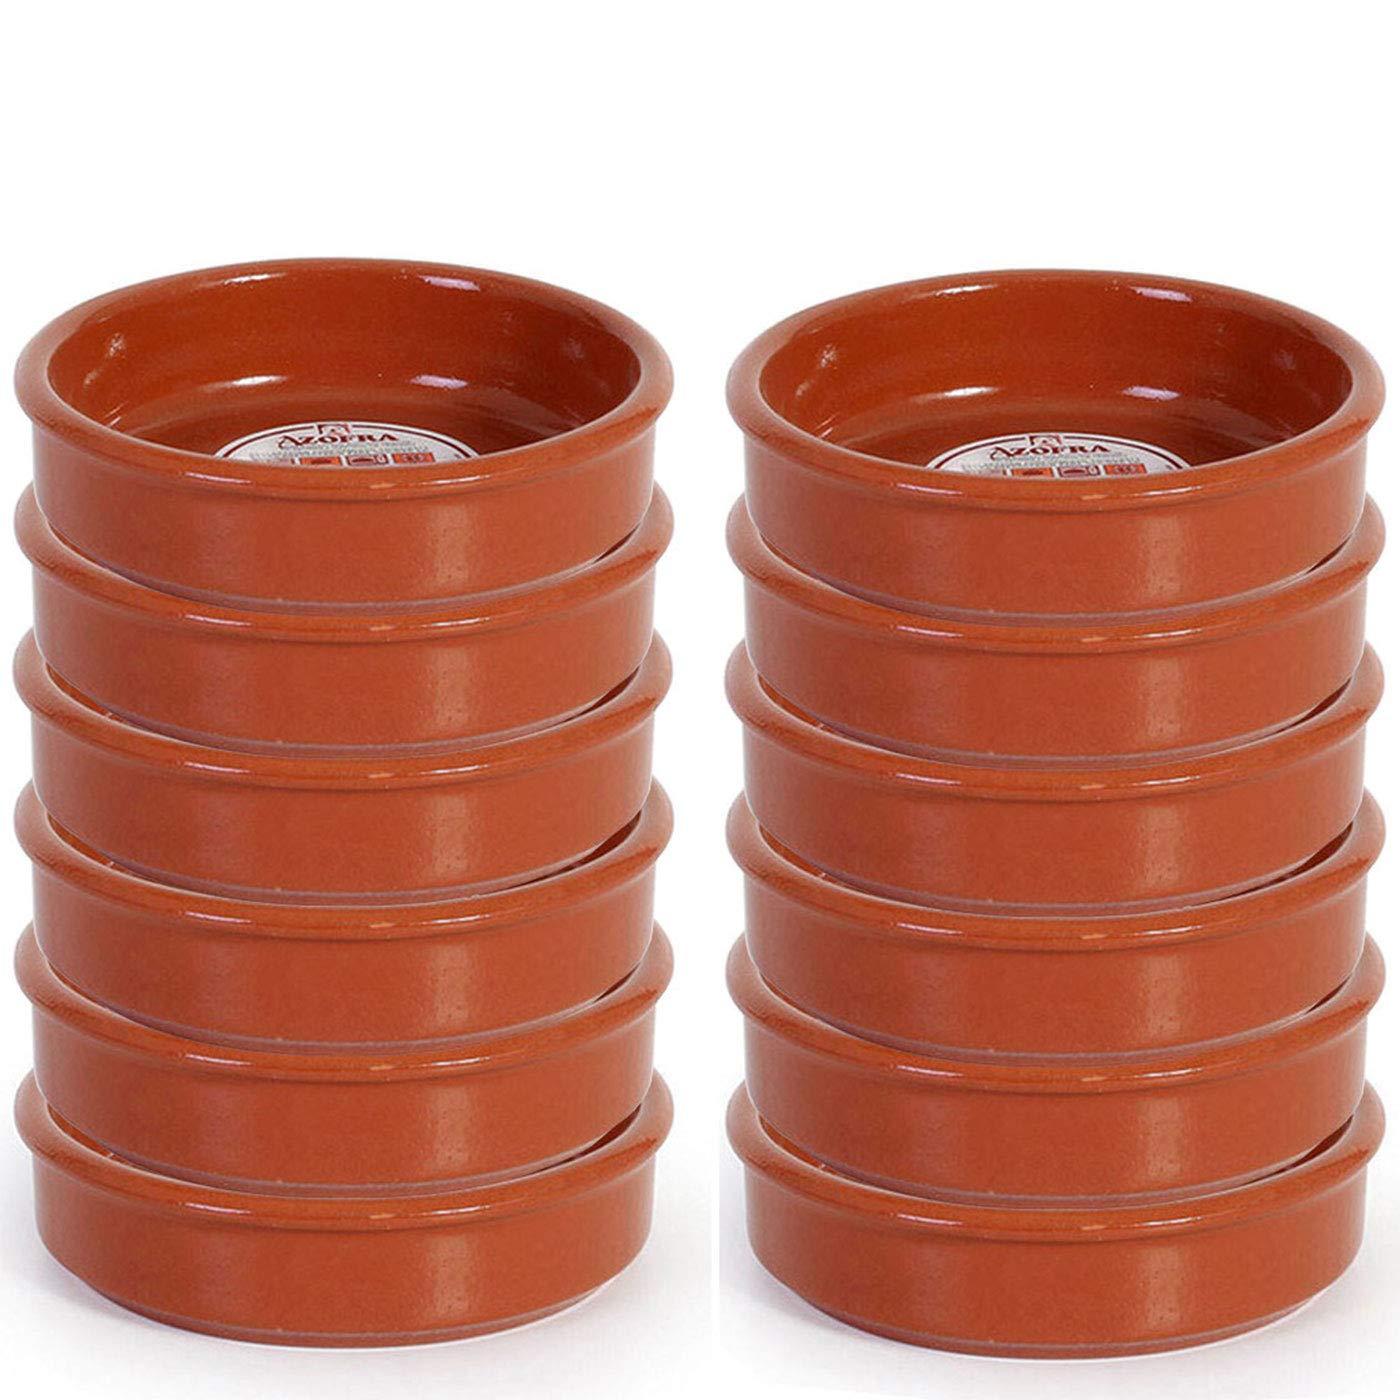 Pack de 12 cazuelas de barro de 14 cm apta para vitro: Amazon.es ...